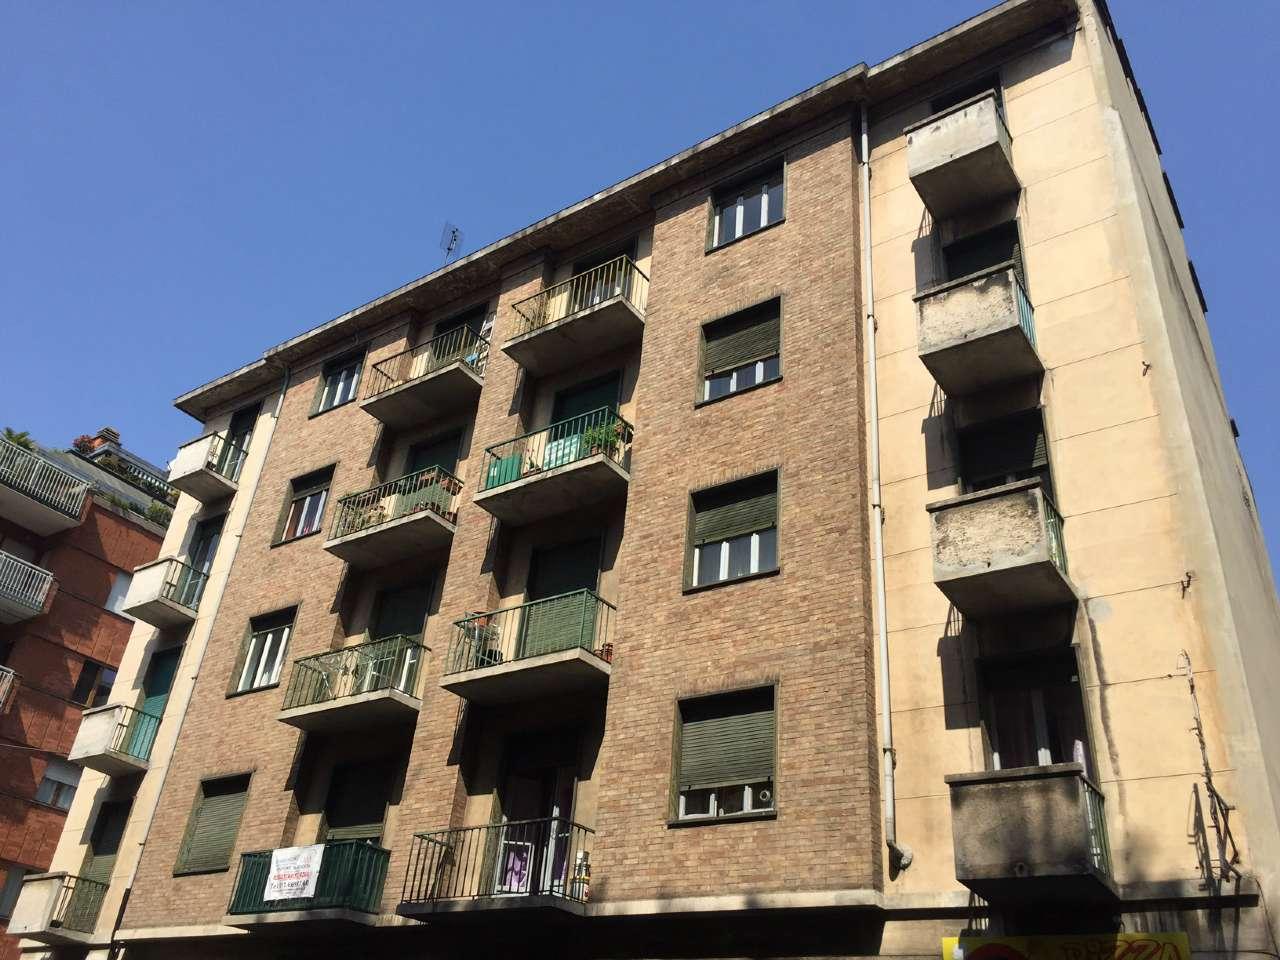 Palazzo / Stabile in vendita a Torino, 9999 locali, zona Zona: 3 . San Salvario, Parco del Valentino, Trattative riservate | CambioCasa.it